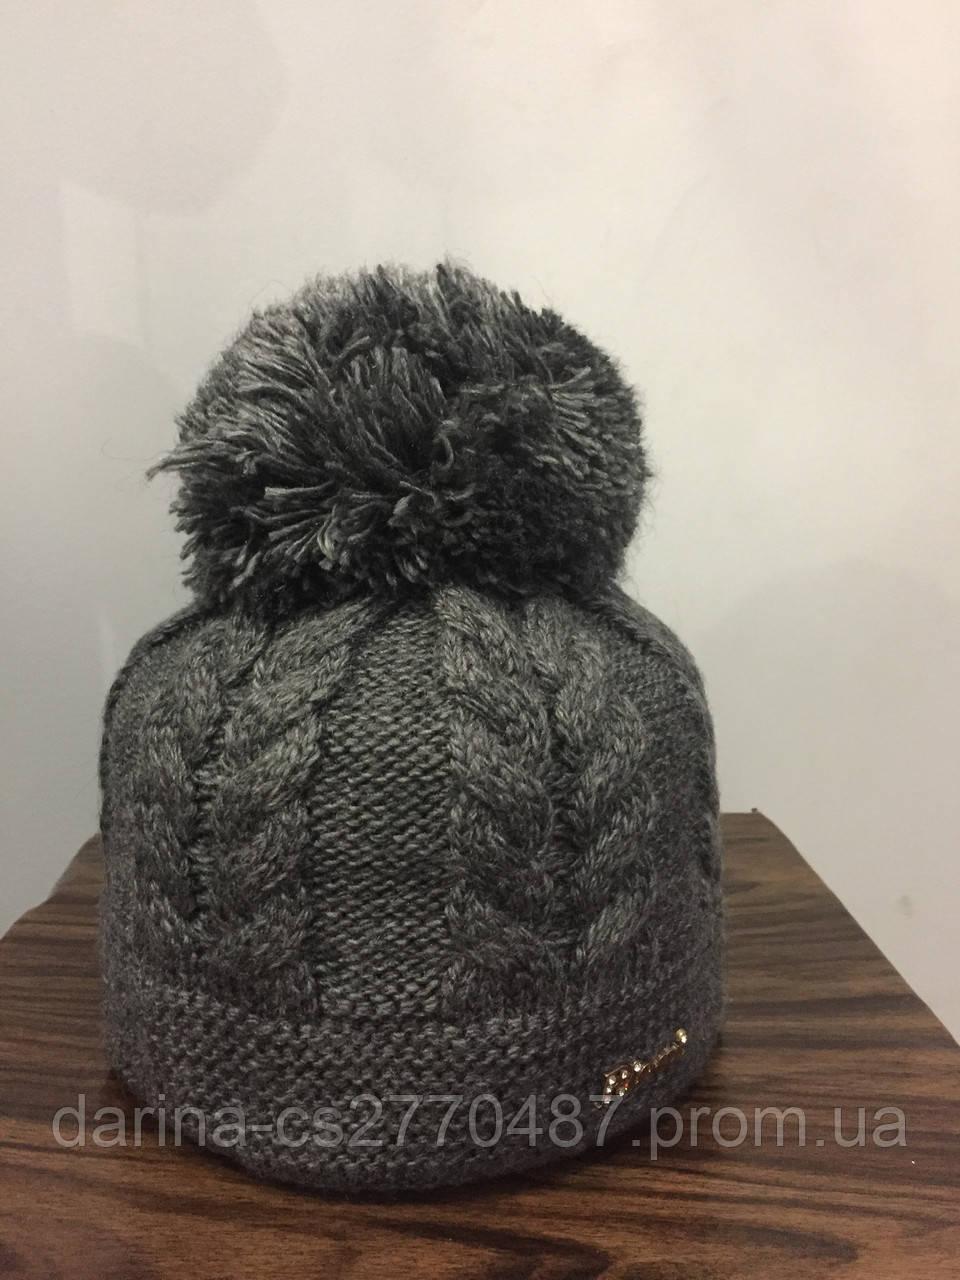 Подростковая шапка с помпоном для девочки